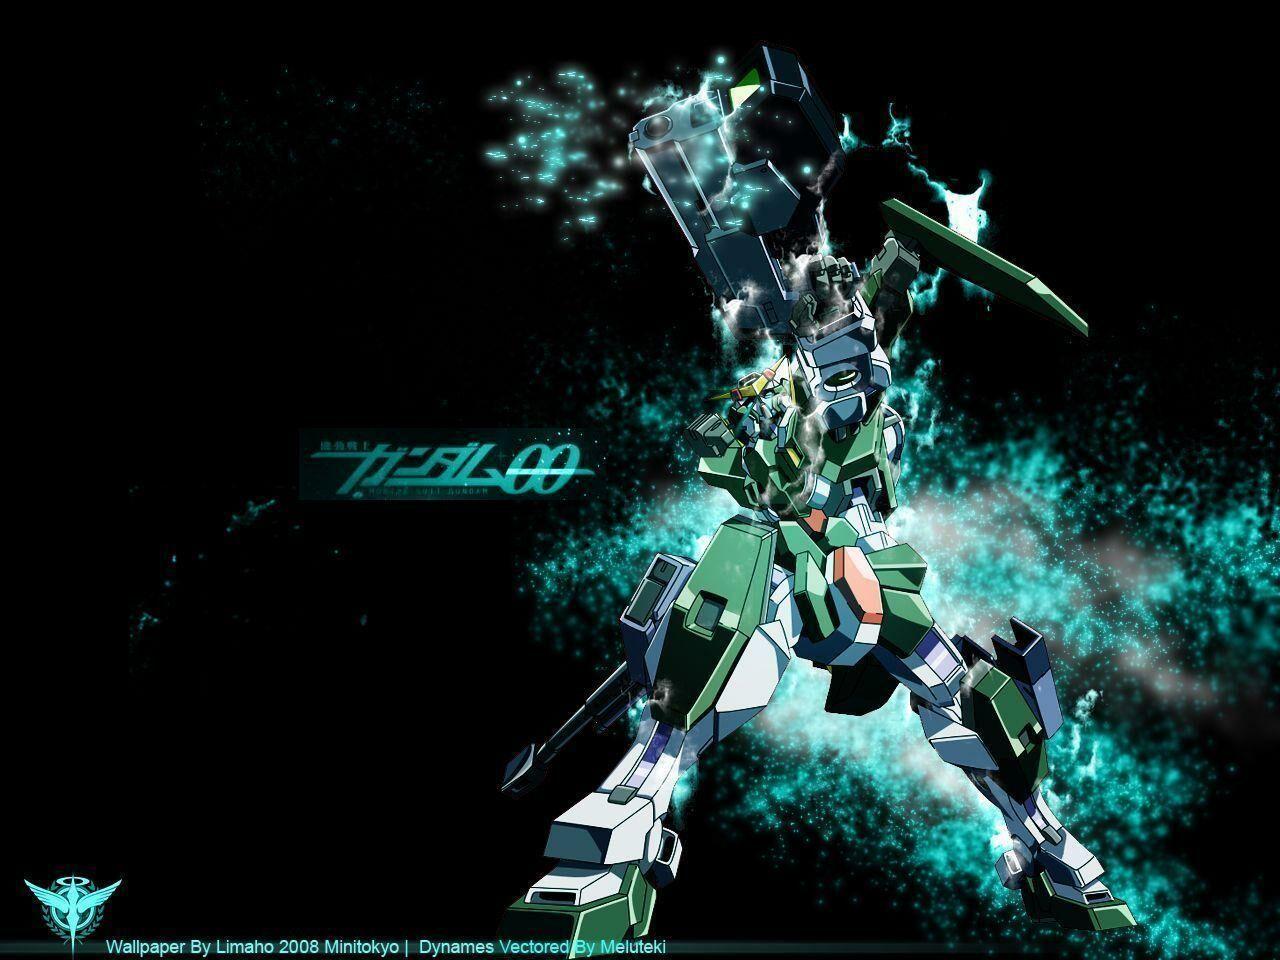 Download 4200 Koleksi Wallpaper Android Gundam Gambar Gratis Terbaru